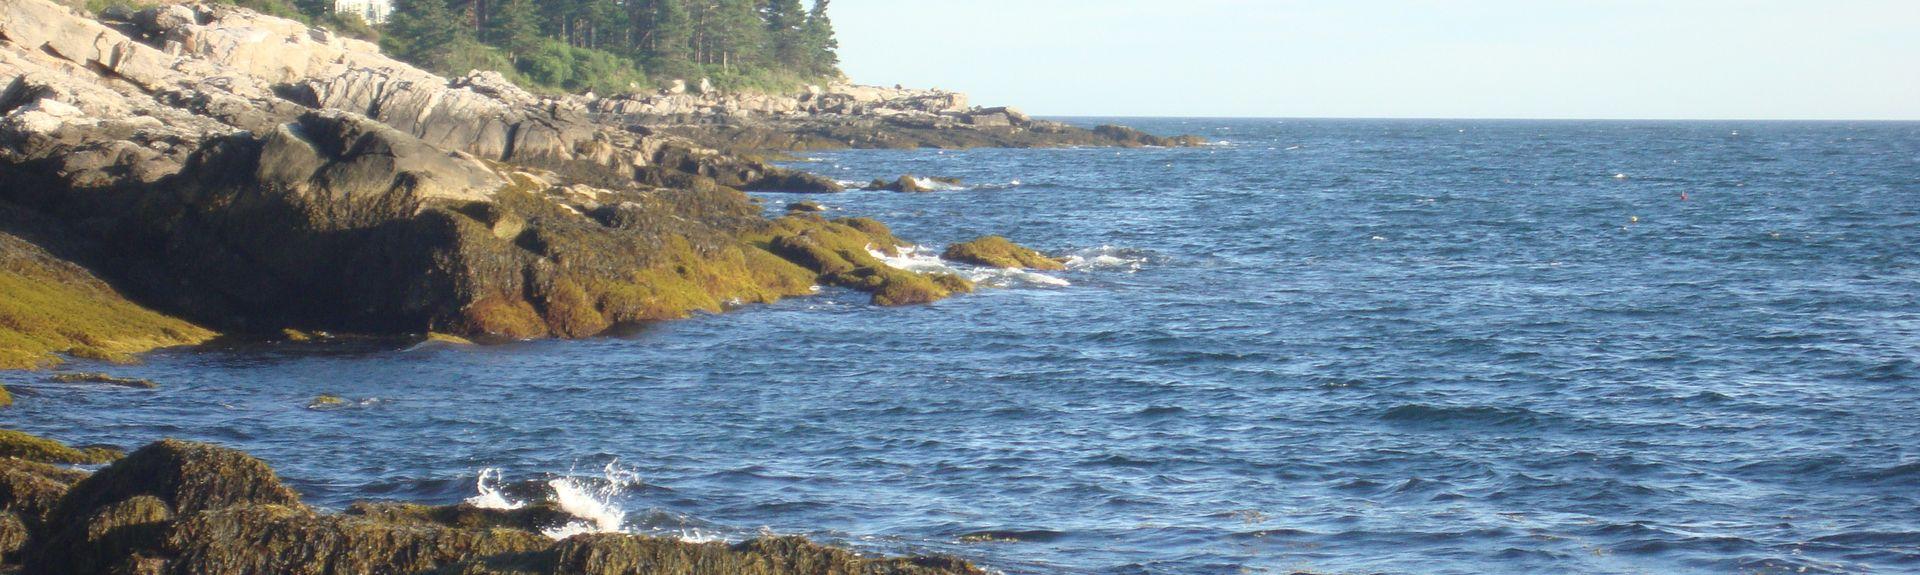 Pemaquid Point, Bristol, Maine, États-Unis d'Amérique